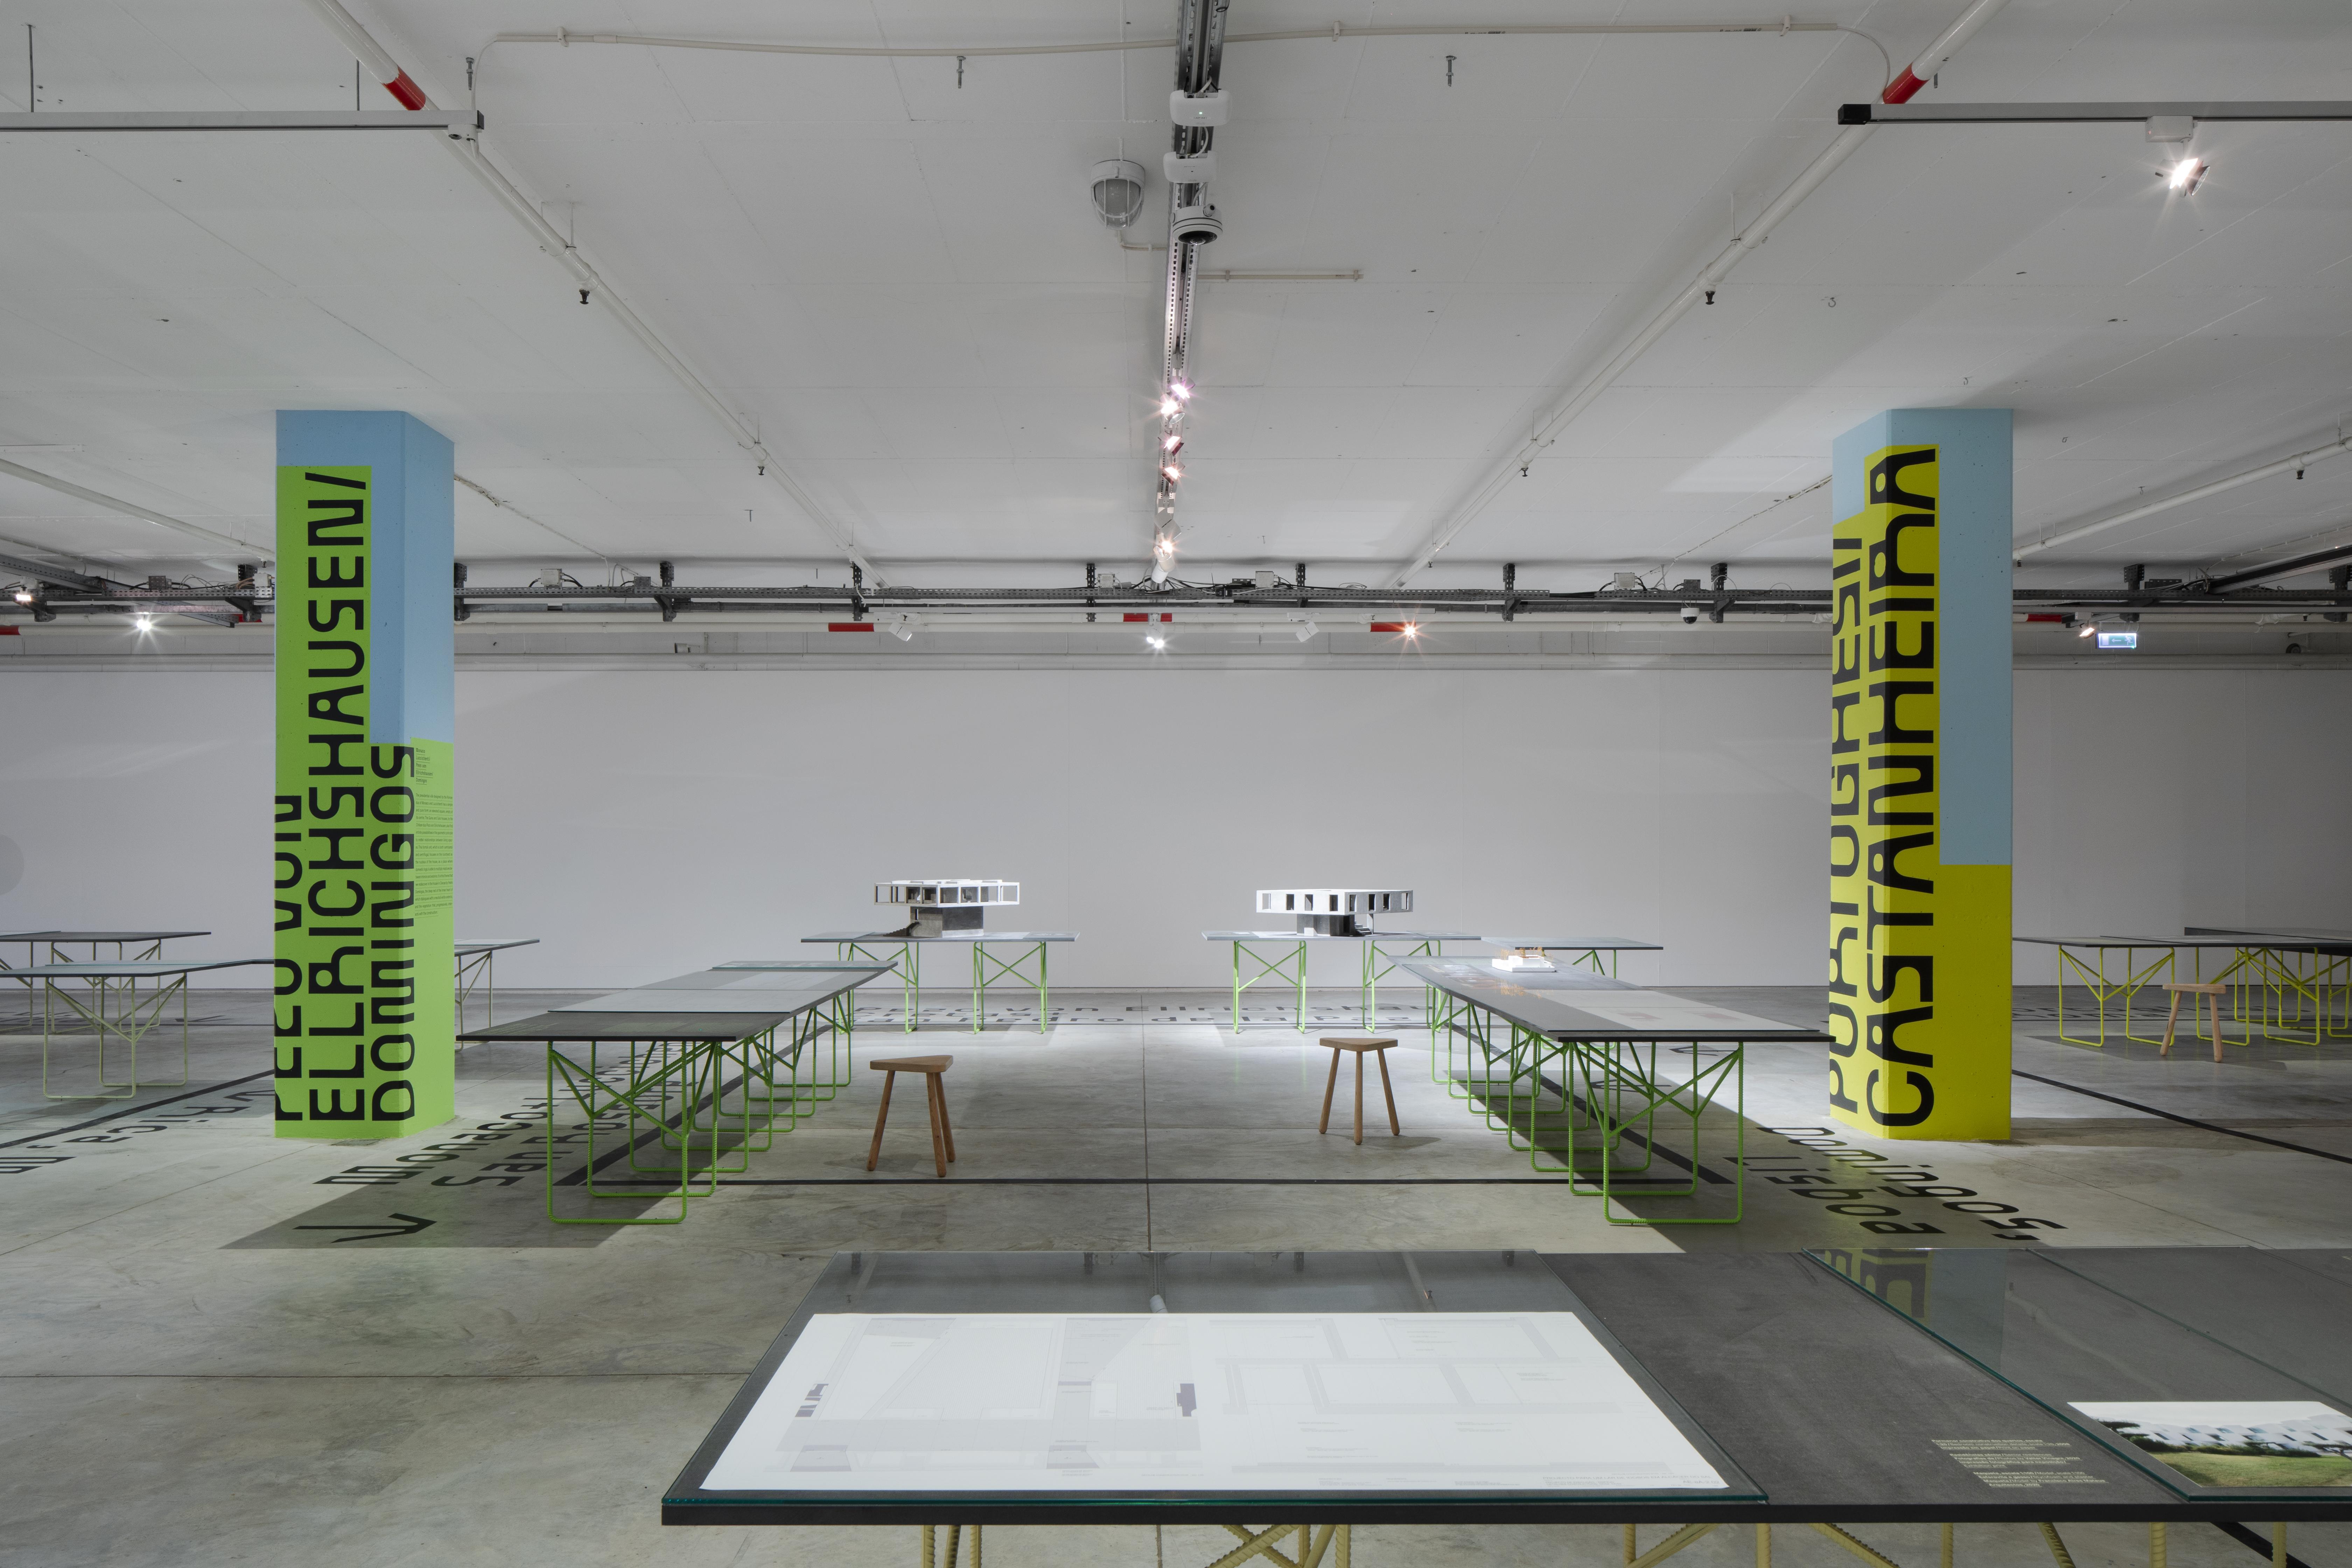 Em Casa. Projetos para Habitação Contemporânea, Garagem Sul, 2021 / © Tiago Casanova